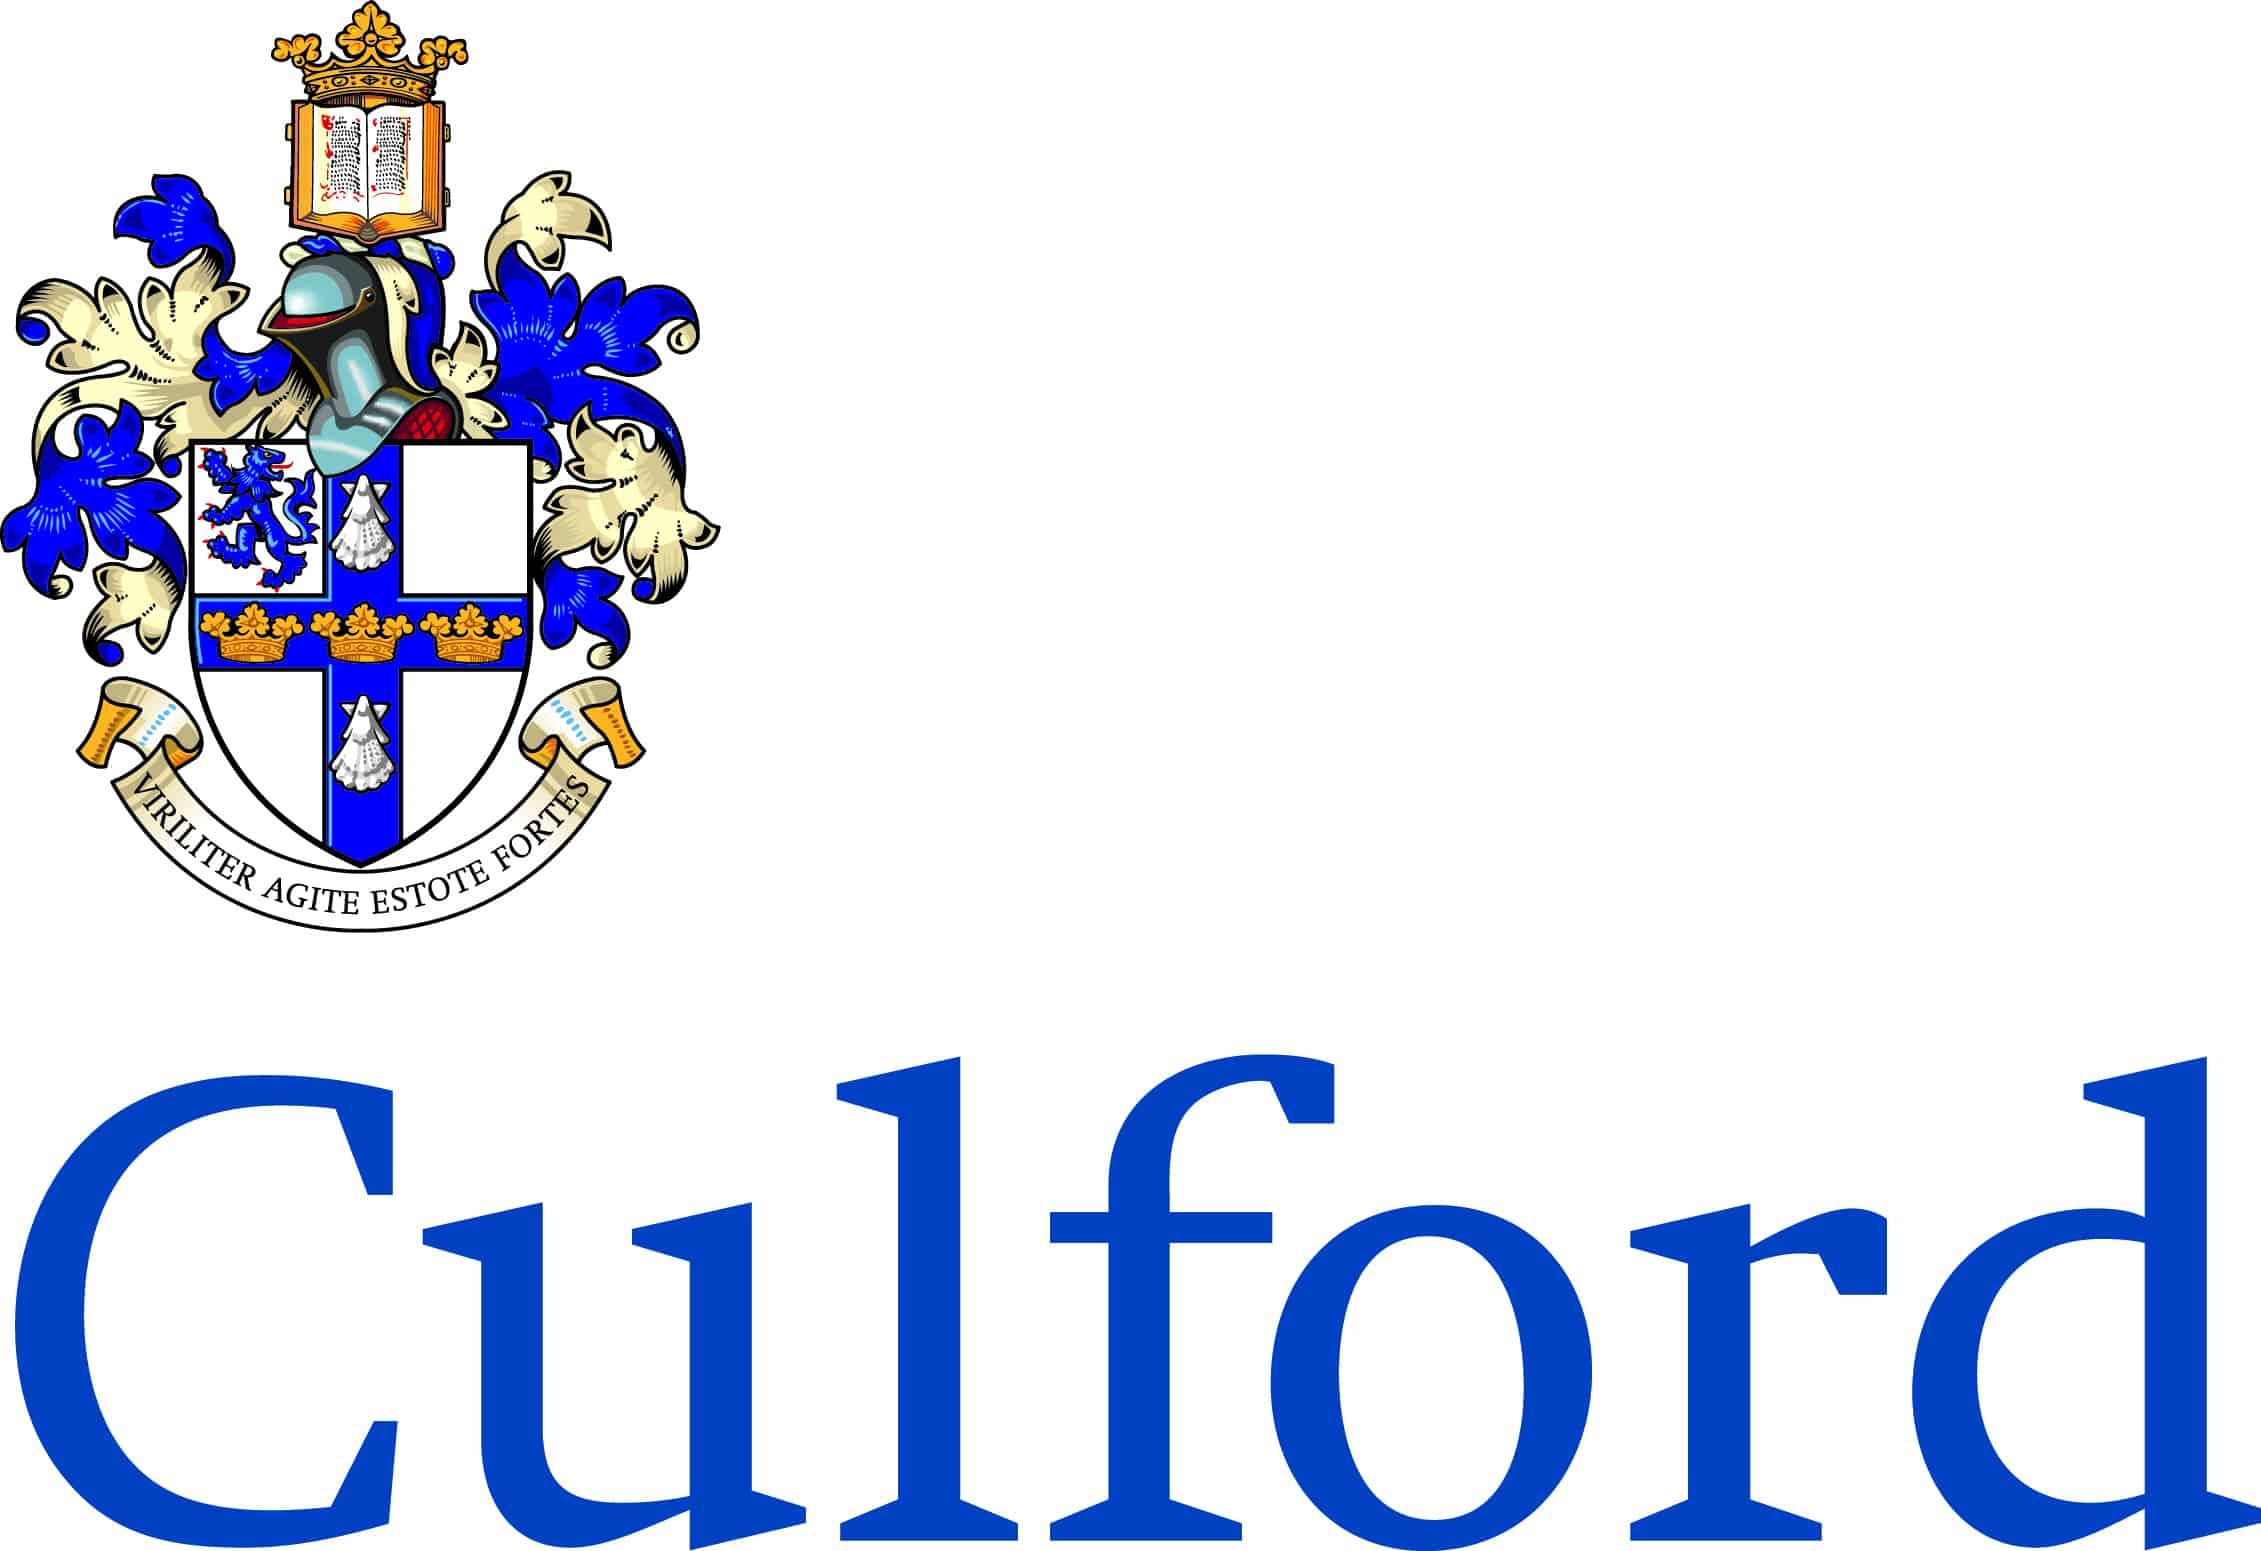 culford-logo